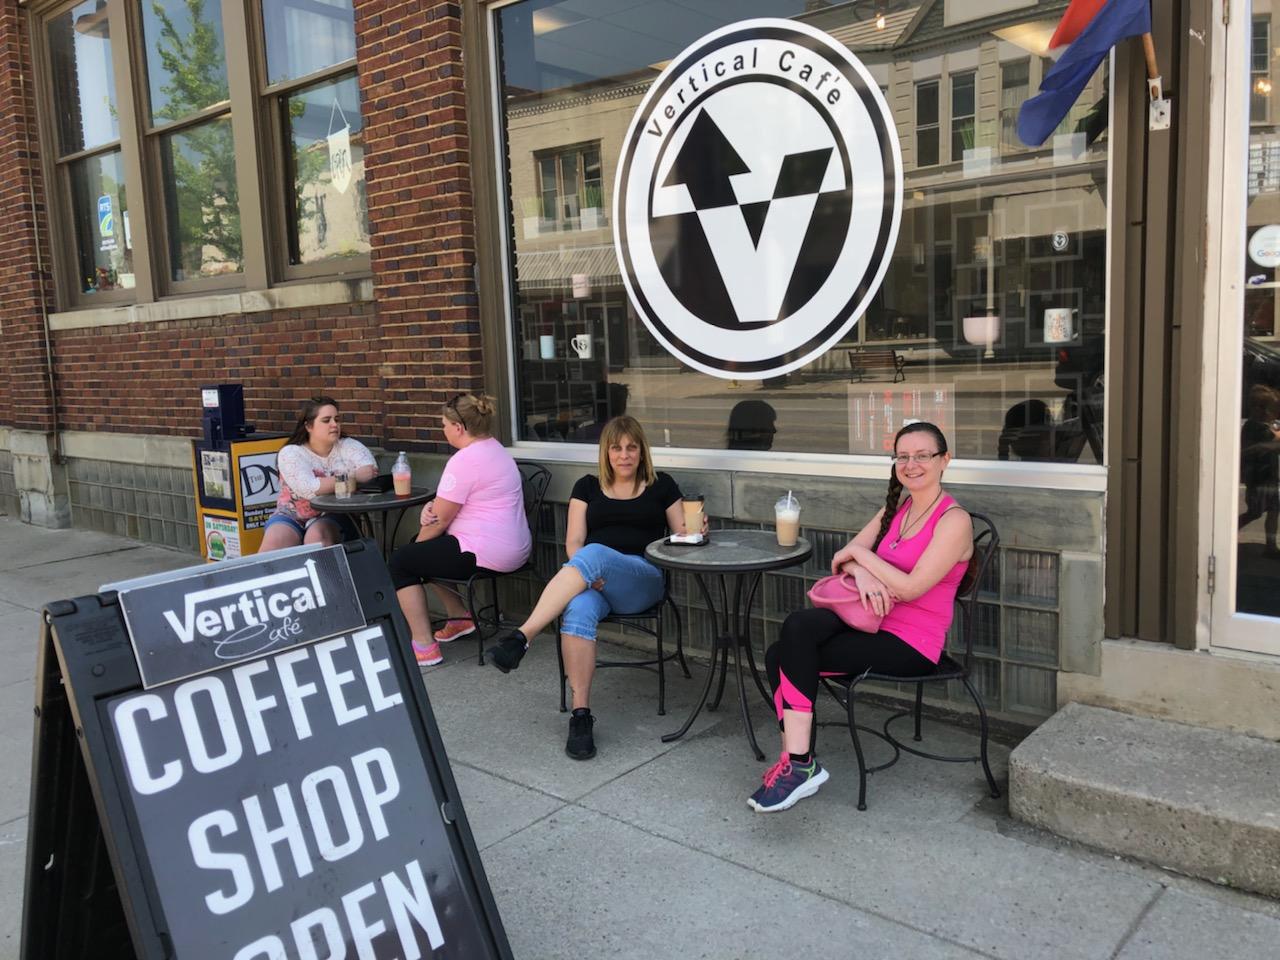 vertical cafe storefront